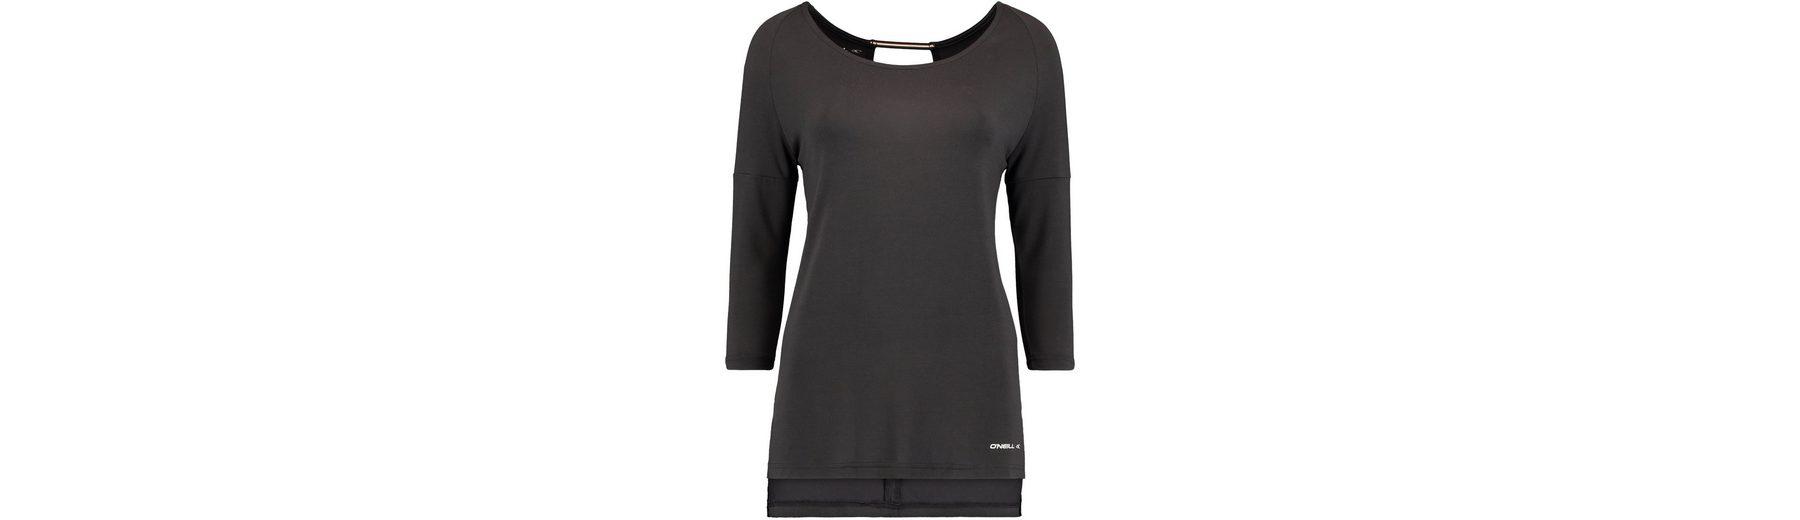 Auslass Extrem Einen Günstigen Online-Verkauf O'Neill Langarmshirt Relaxed Zen Billig Authentische 100% Authentisch Online wym2gsN